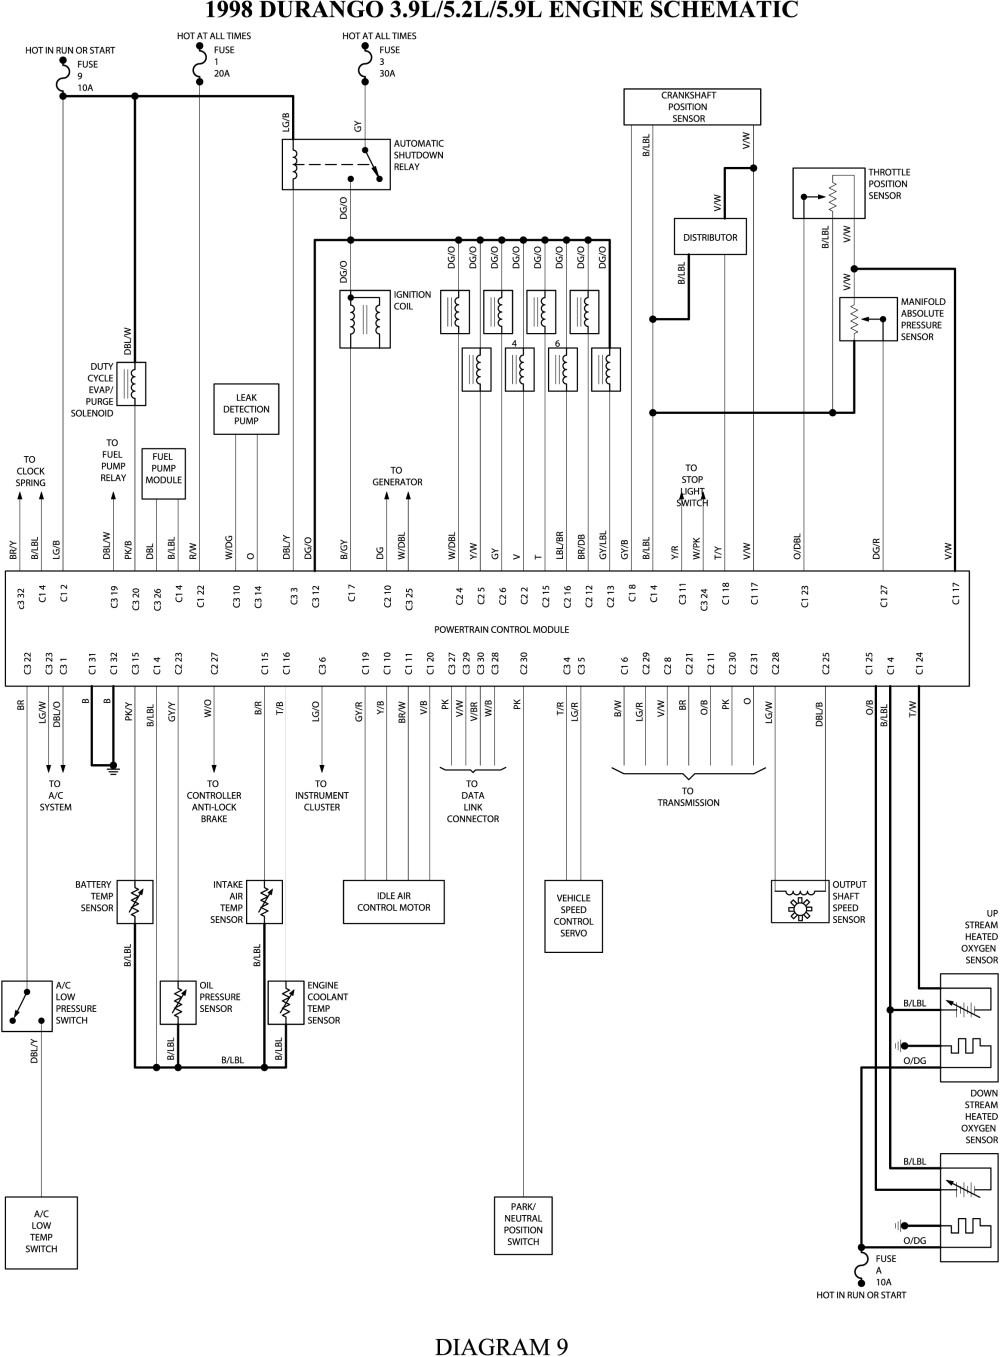 99 dodge durango wiring diagram Download-99 dodge durango wiring diagram Collection 1997 dodge dakota distributor wiring diagram wiring data rh 5-g